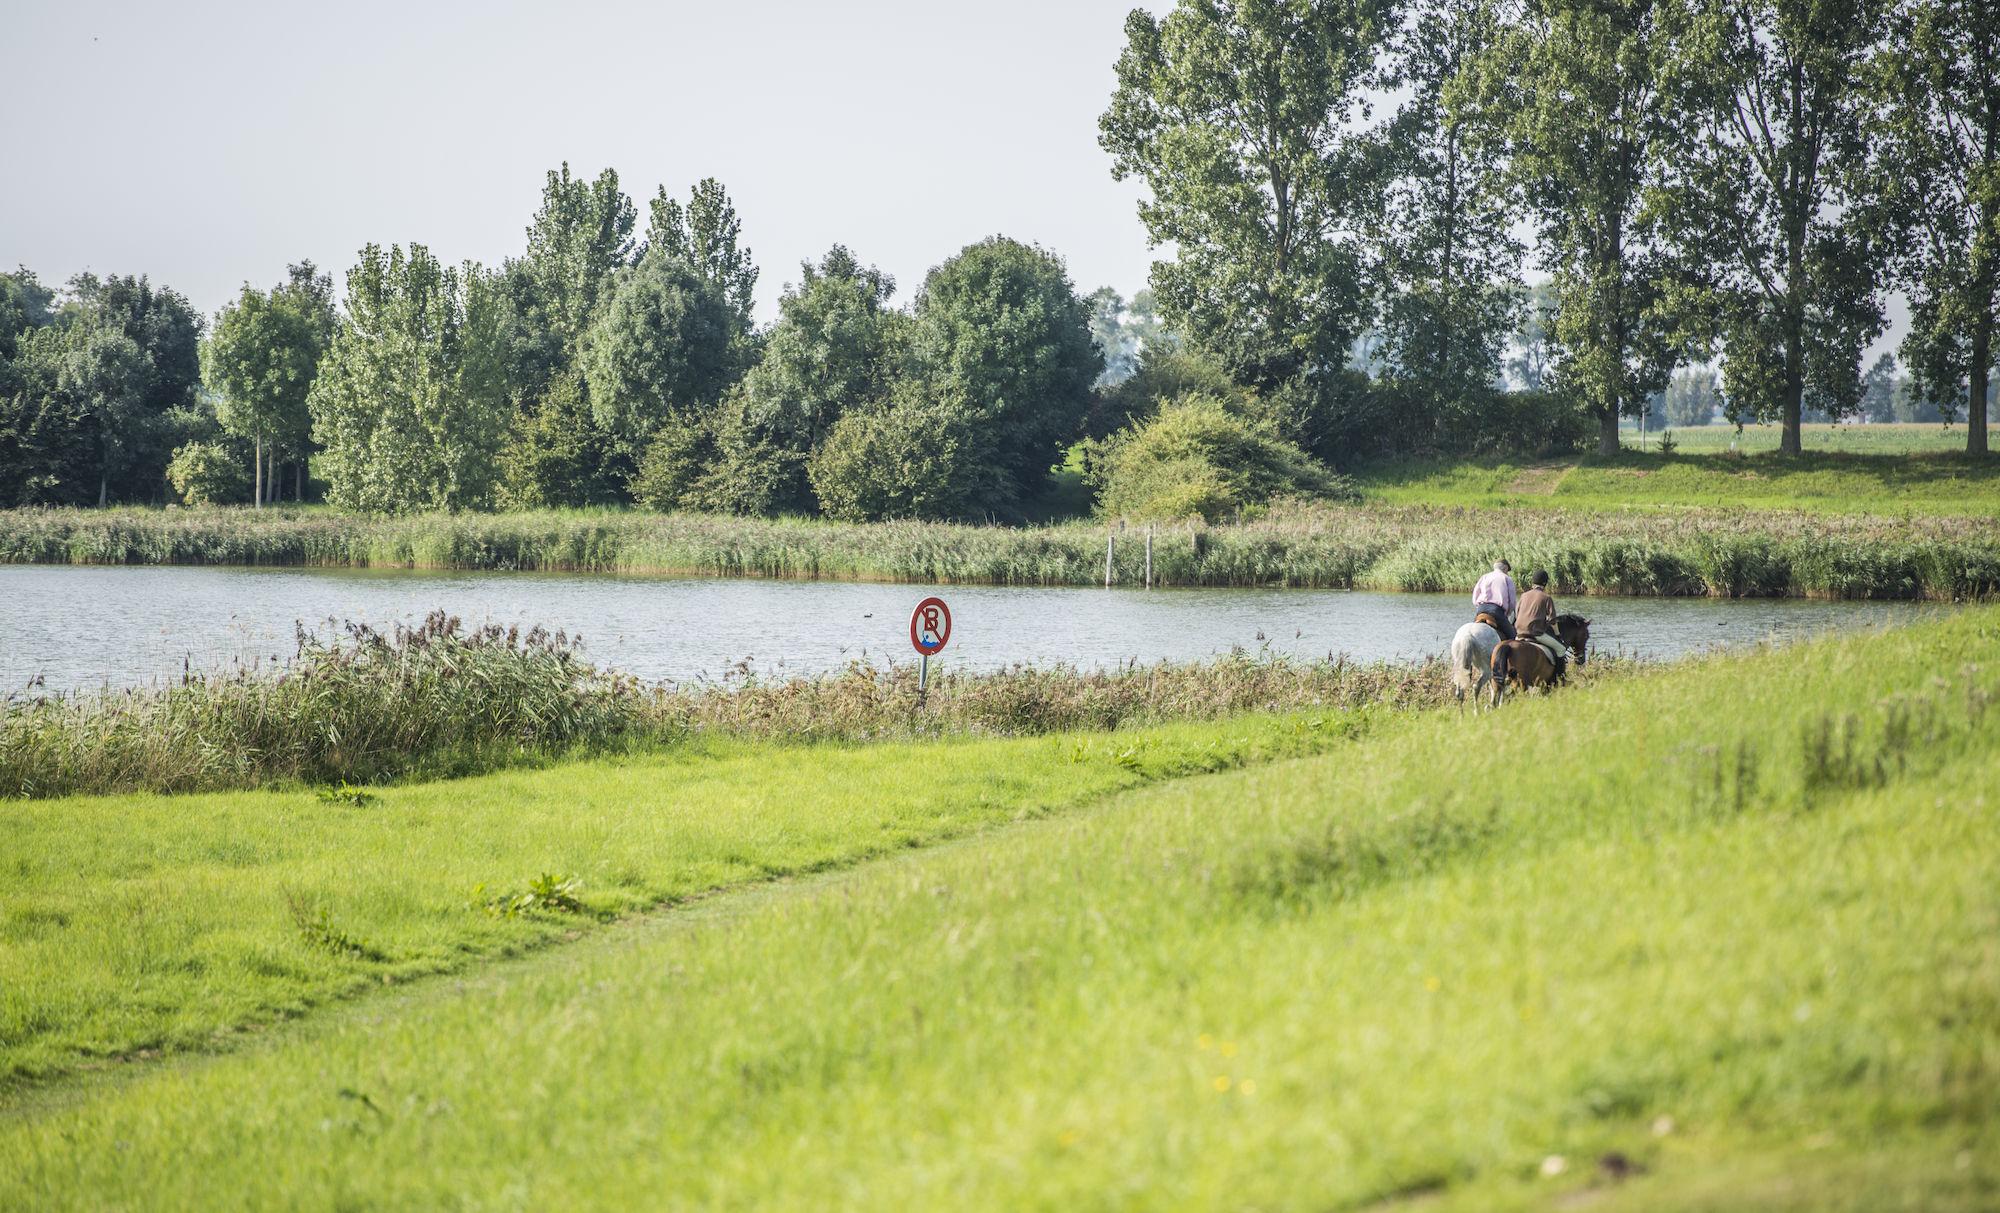 170826-Boerekreek-OVL-zomert-28.jpg